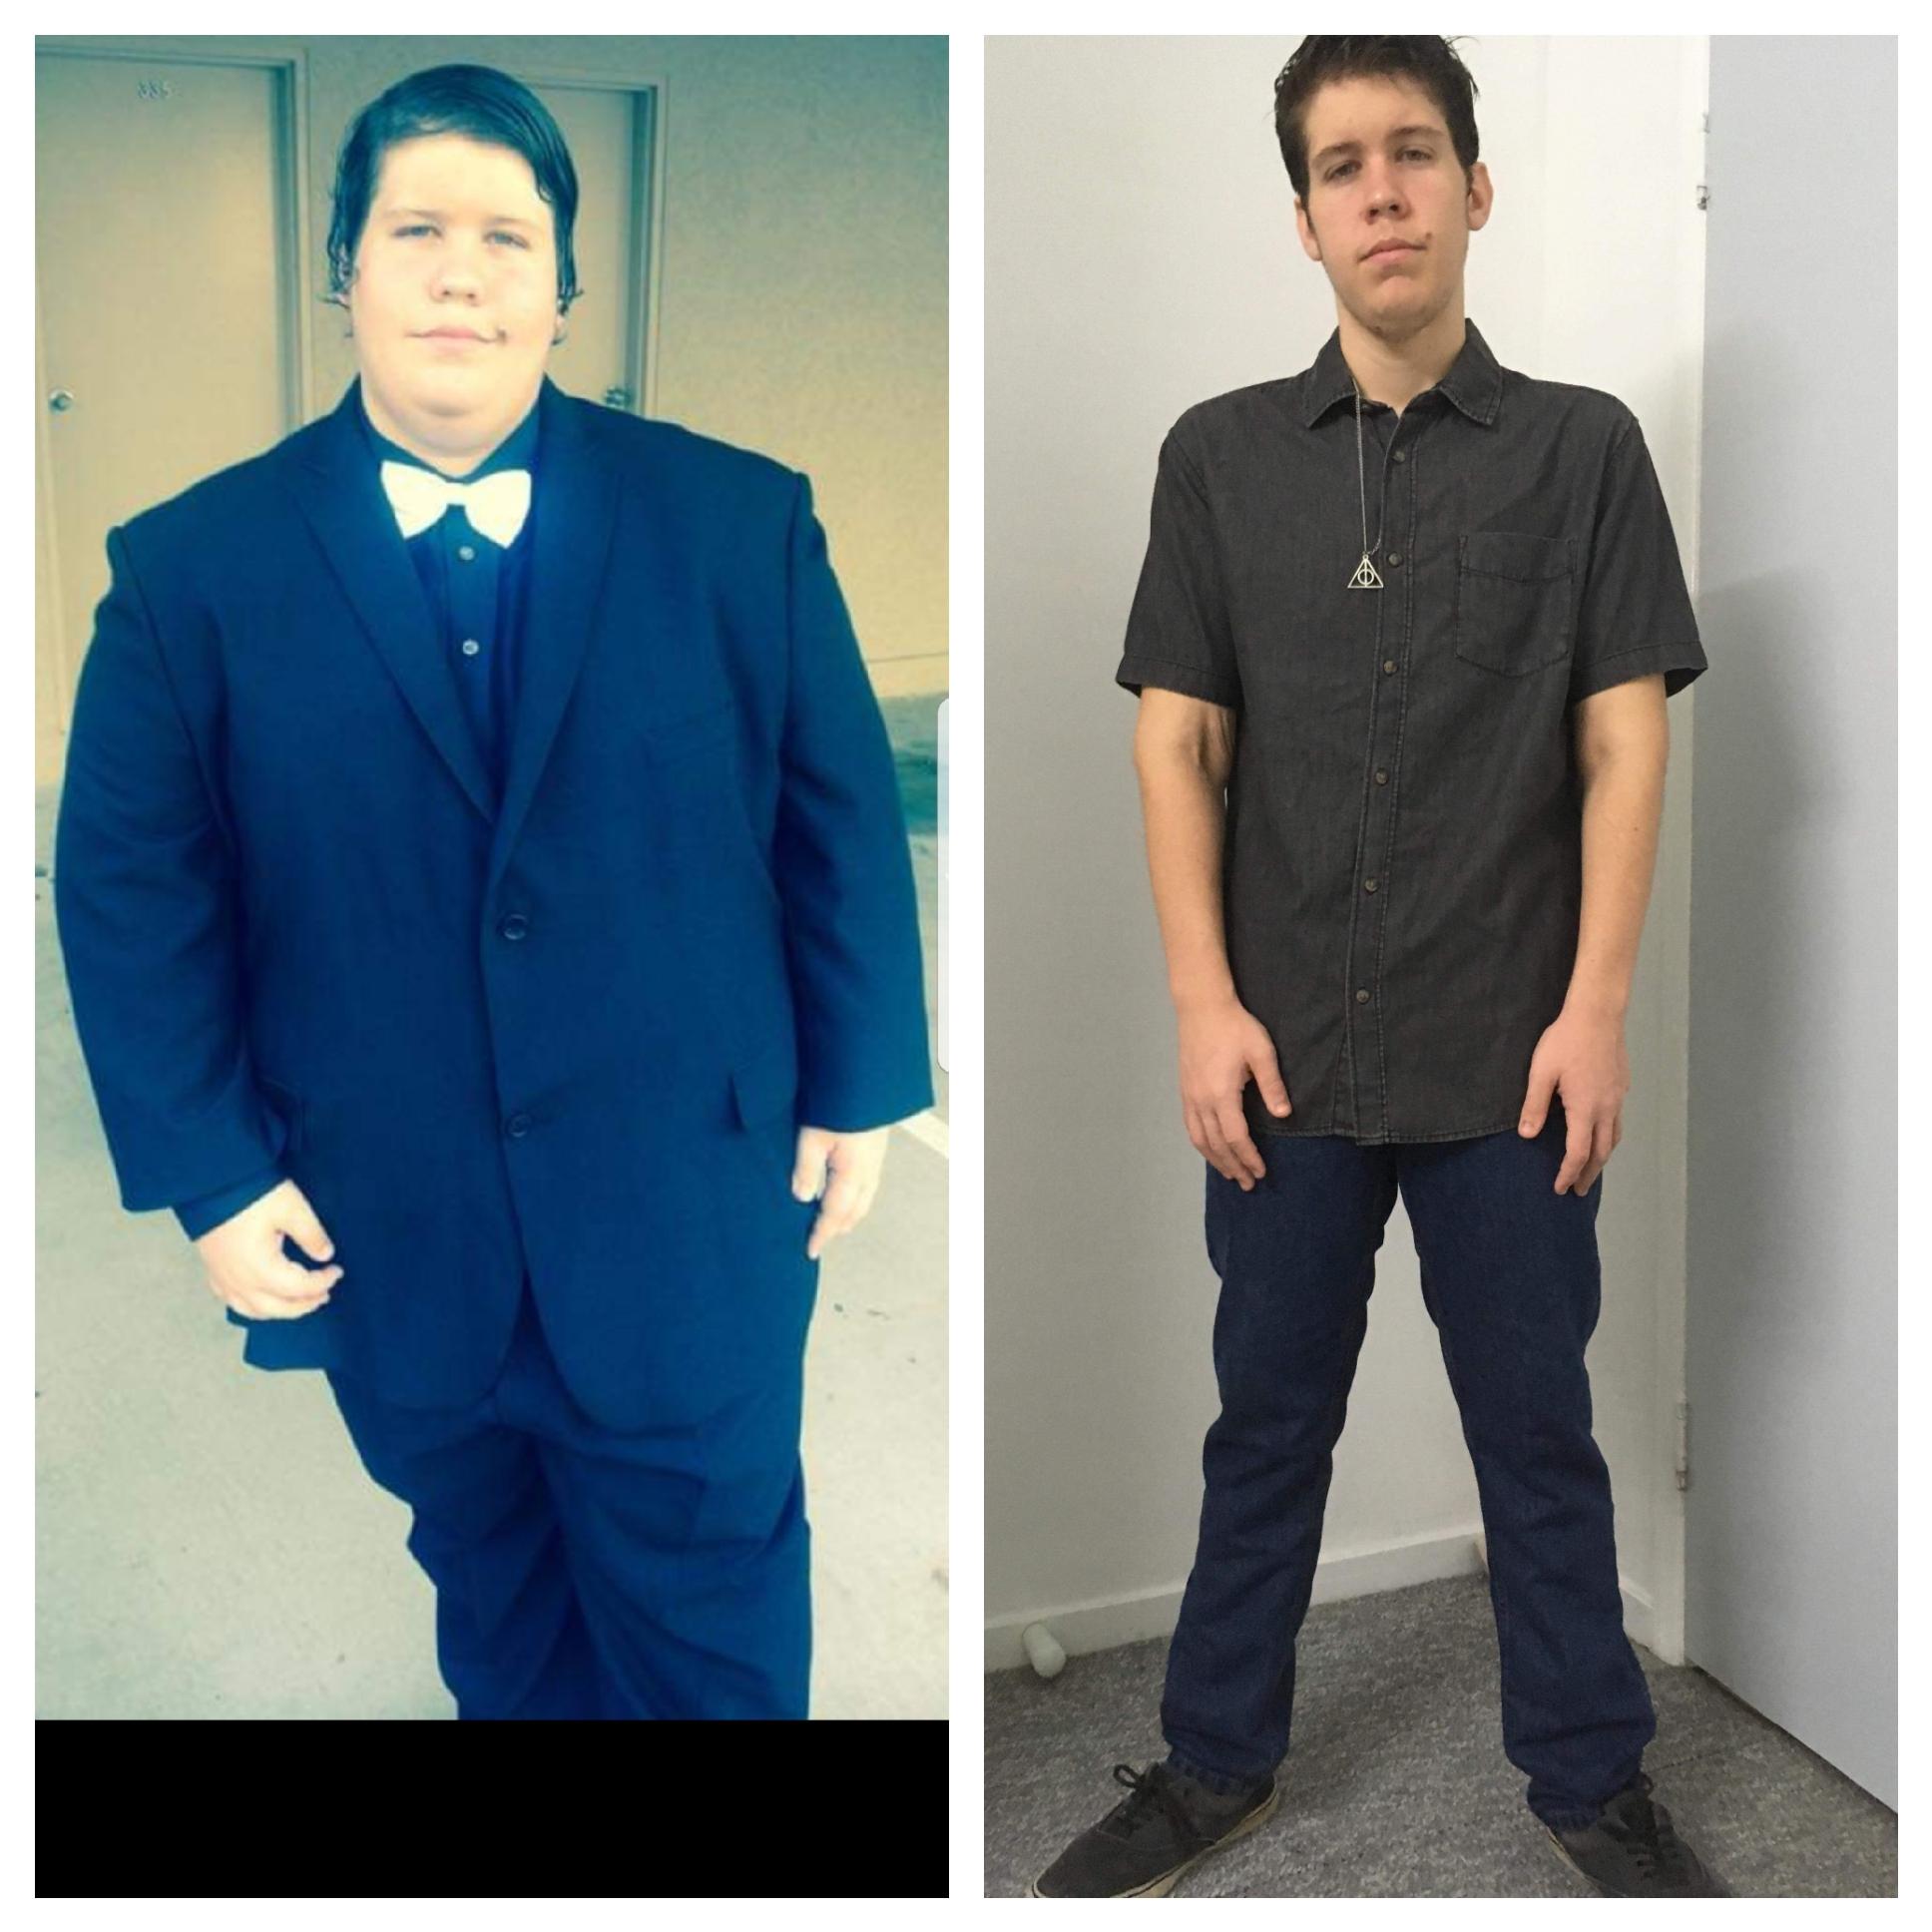 5 feet 8 Male 243 lbs Weight Loss 402 lbs to 159 lbs